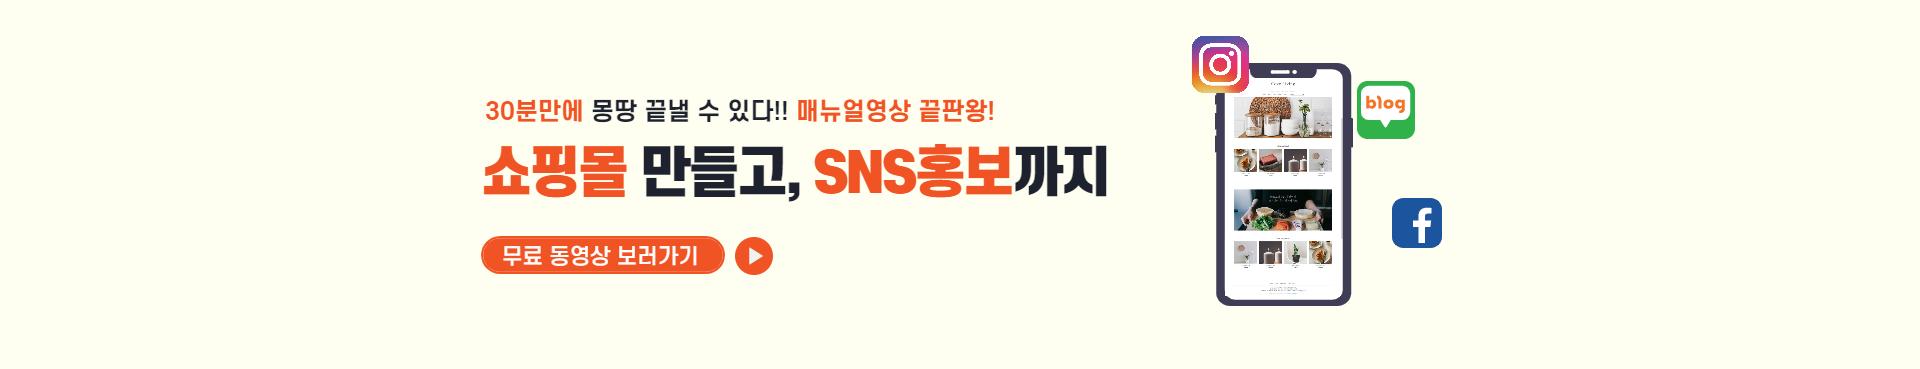 마이소호매뉴얼_영상홍보배너